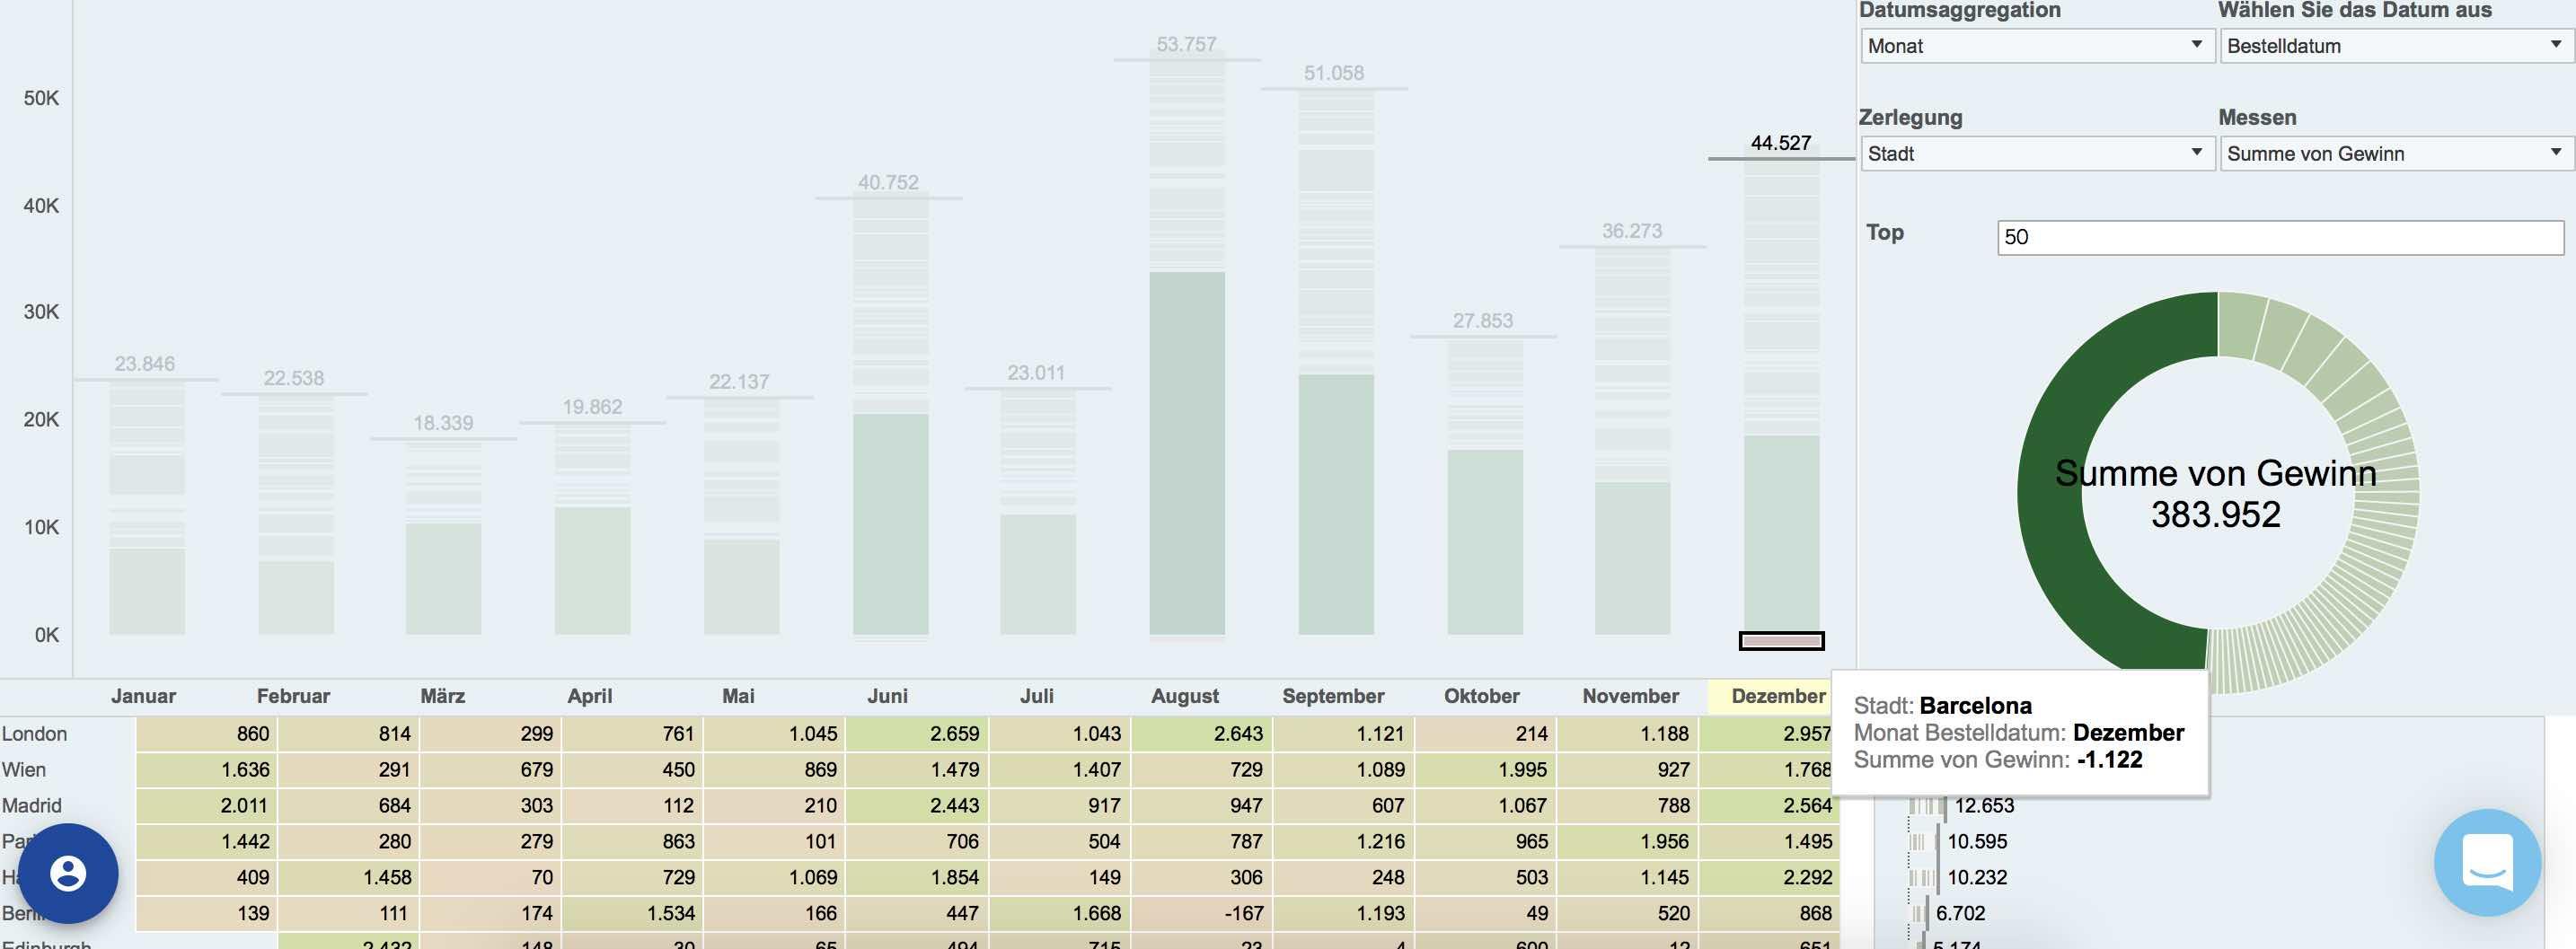 Dashboard zur Datenanalyse nutzen